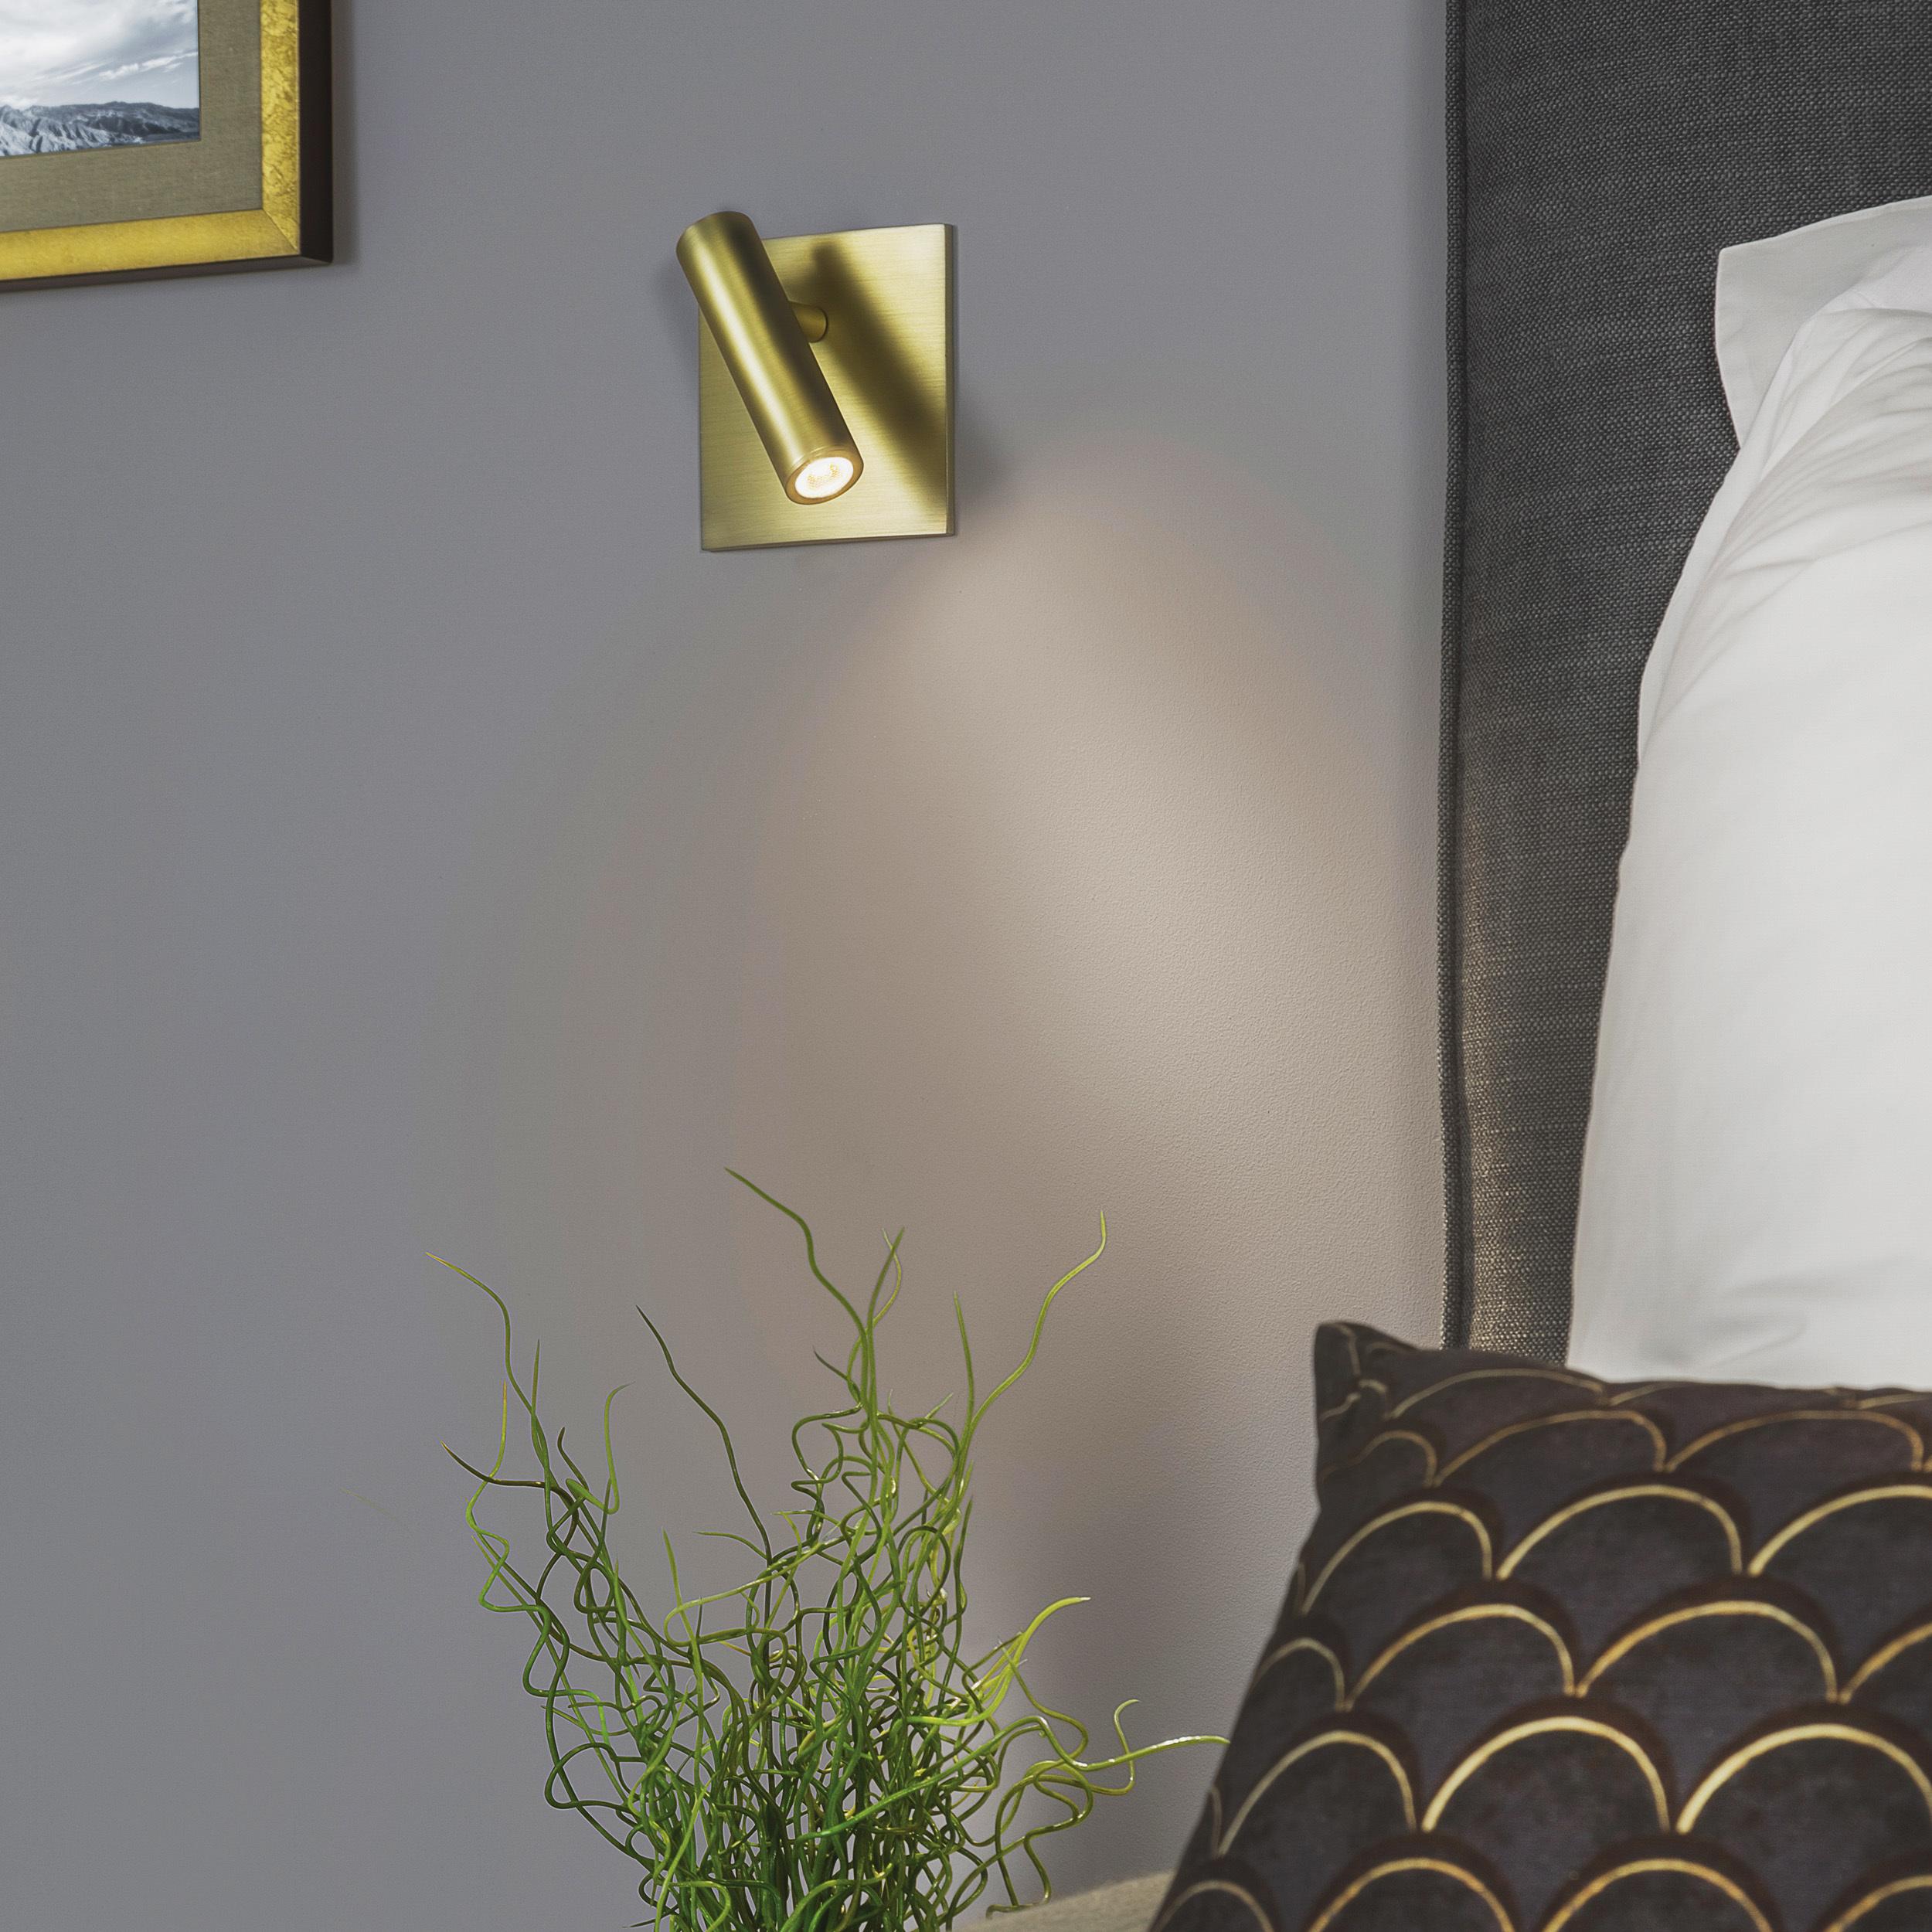 Встраиваемый настенный светодиодный светильник с регулировкой направления света Astro Enna 1058018 (7362), LED 4,47W 2700K 111.44lm CRI80, никель, металл - фото 4